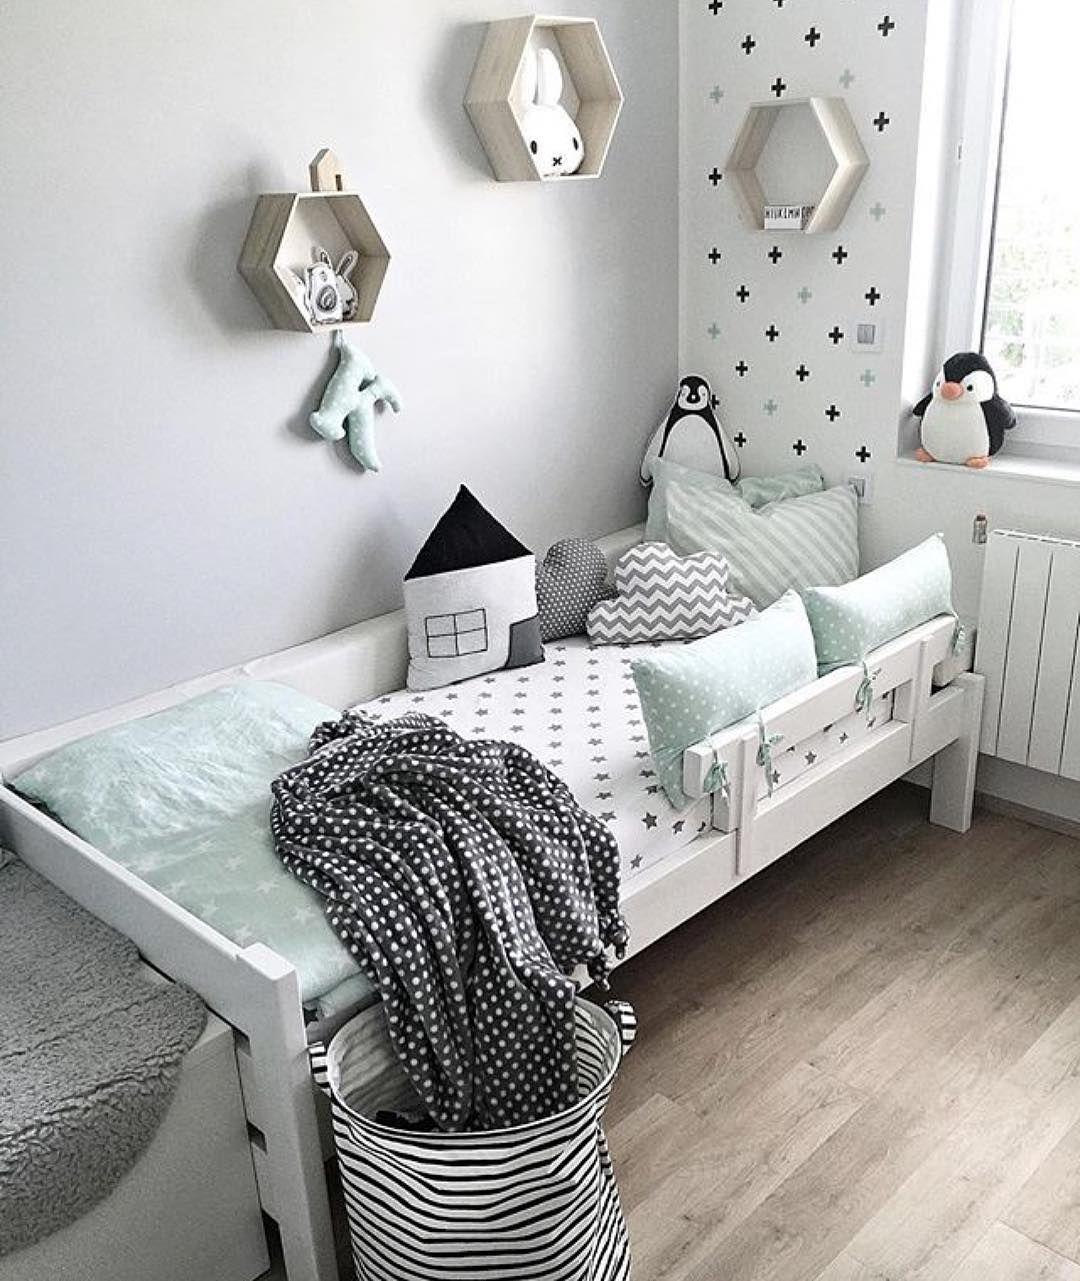 this room design unisex kidsroom Unisex Bedroom Ideas id=76422